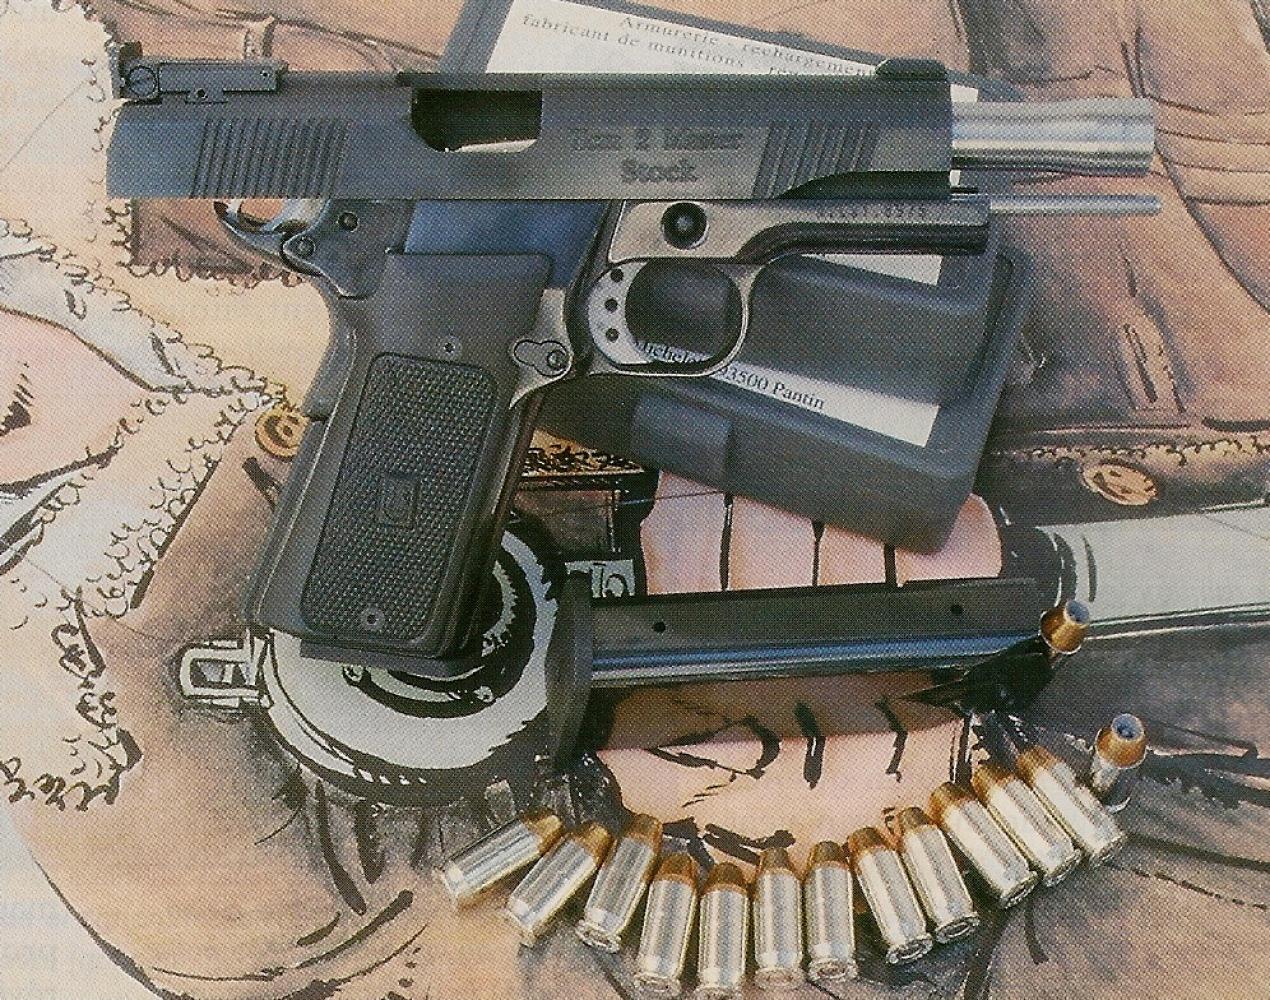 Le pistolet Tecnema TCM2 reçoit un chargeur de 13 coups, ce qui porte sa capacité initiale à 14 coups dès lors qu'une première cartouche a été chambrée.